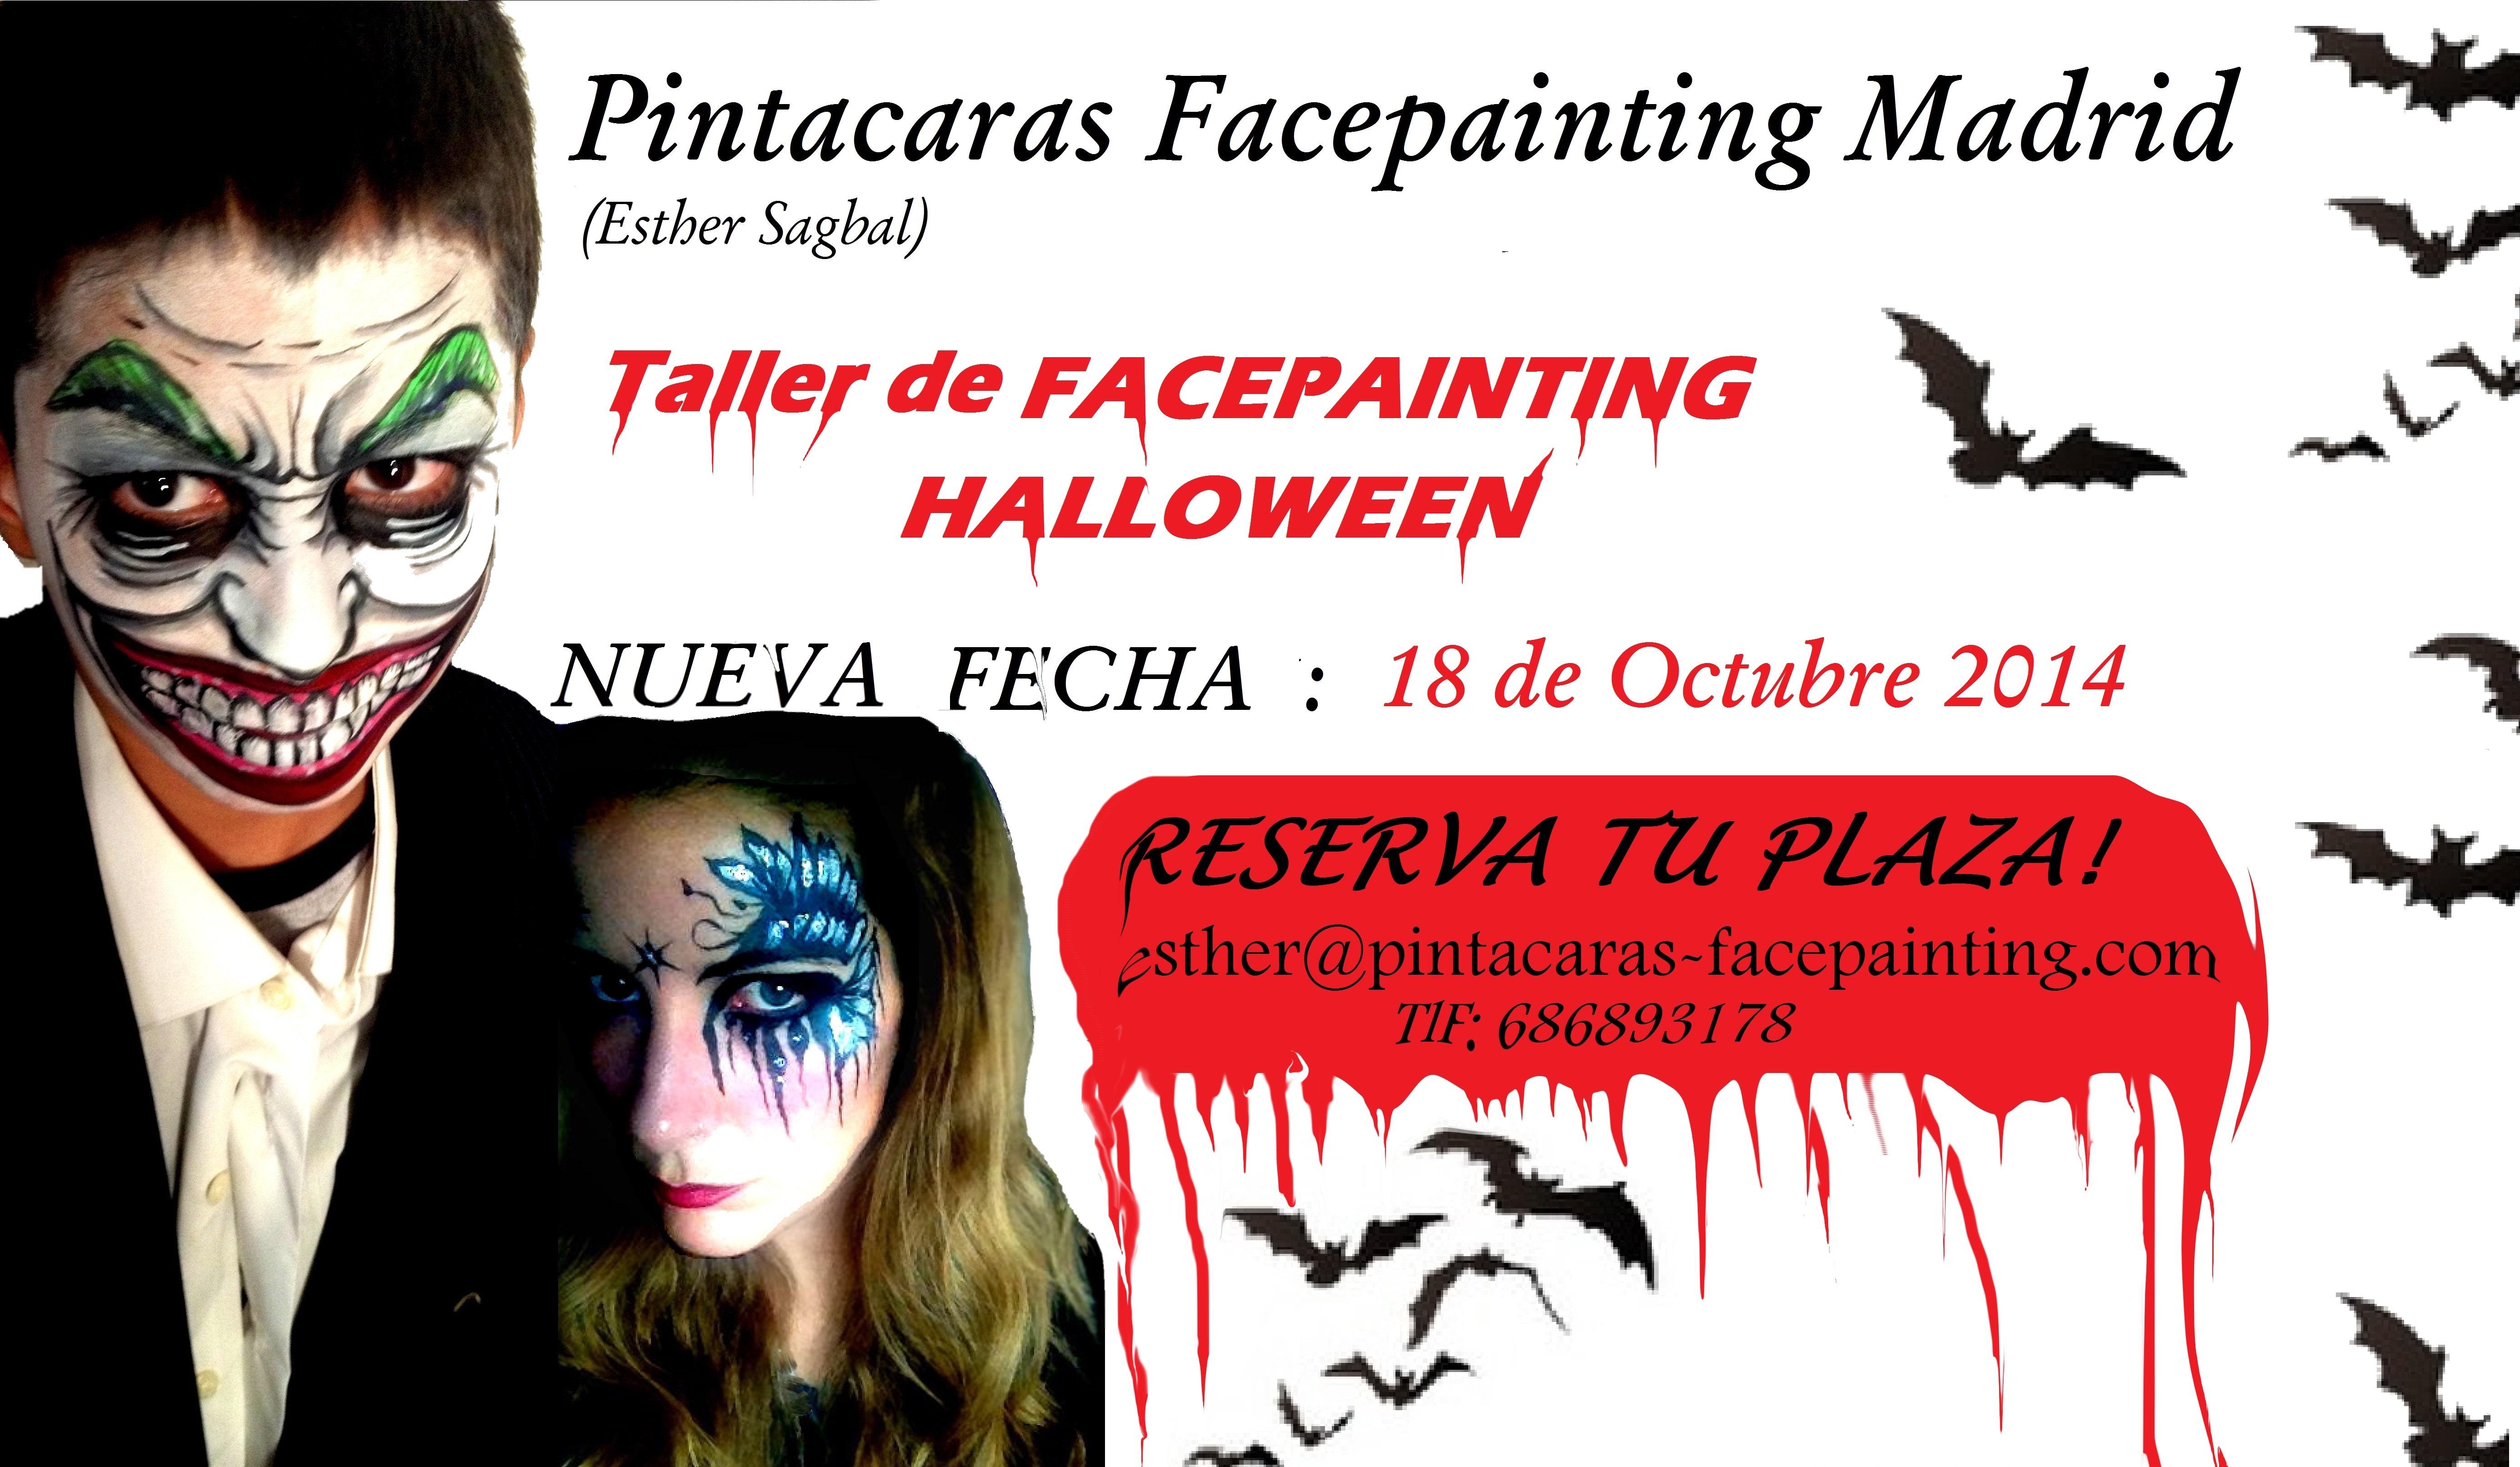 Taller de Facepainting, cursos de pintacaras, taller pintacaras Halloween